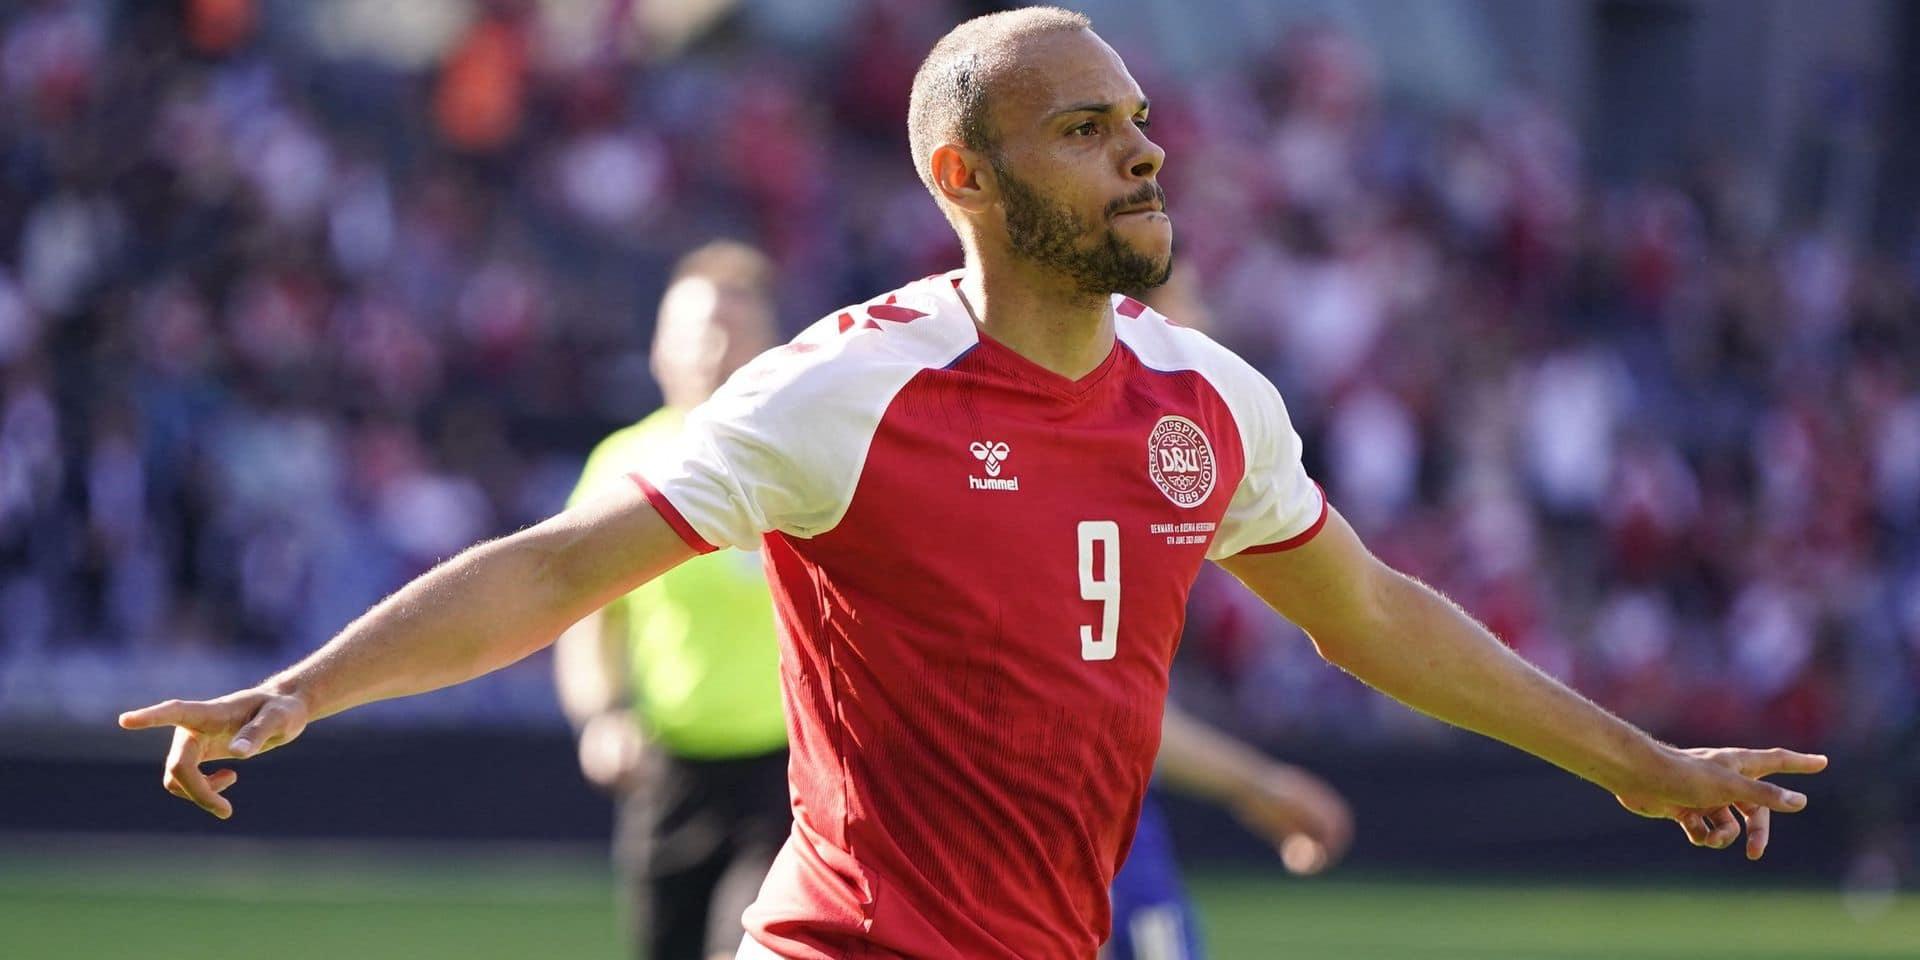 Le Danemark, futur adversaire des Diables, s'impose face à la Bosnie (2-0)